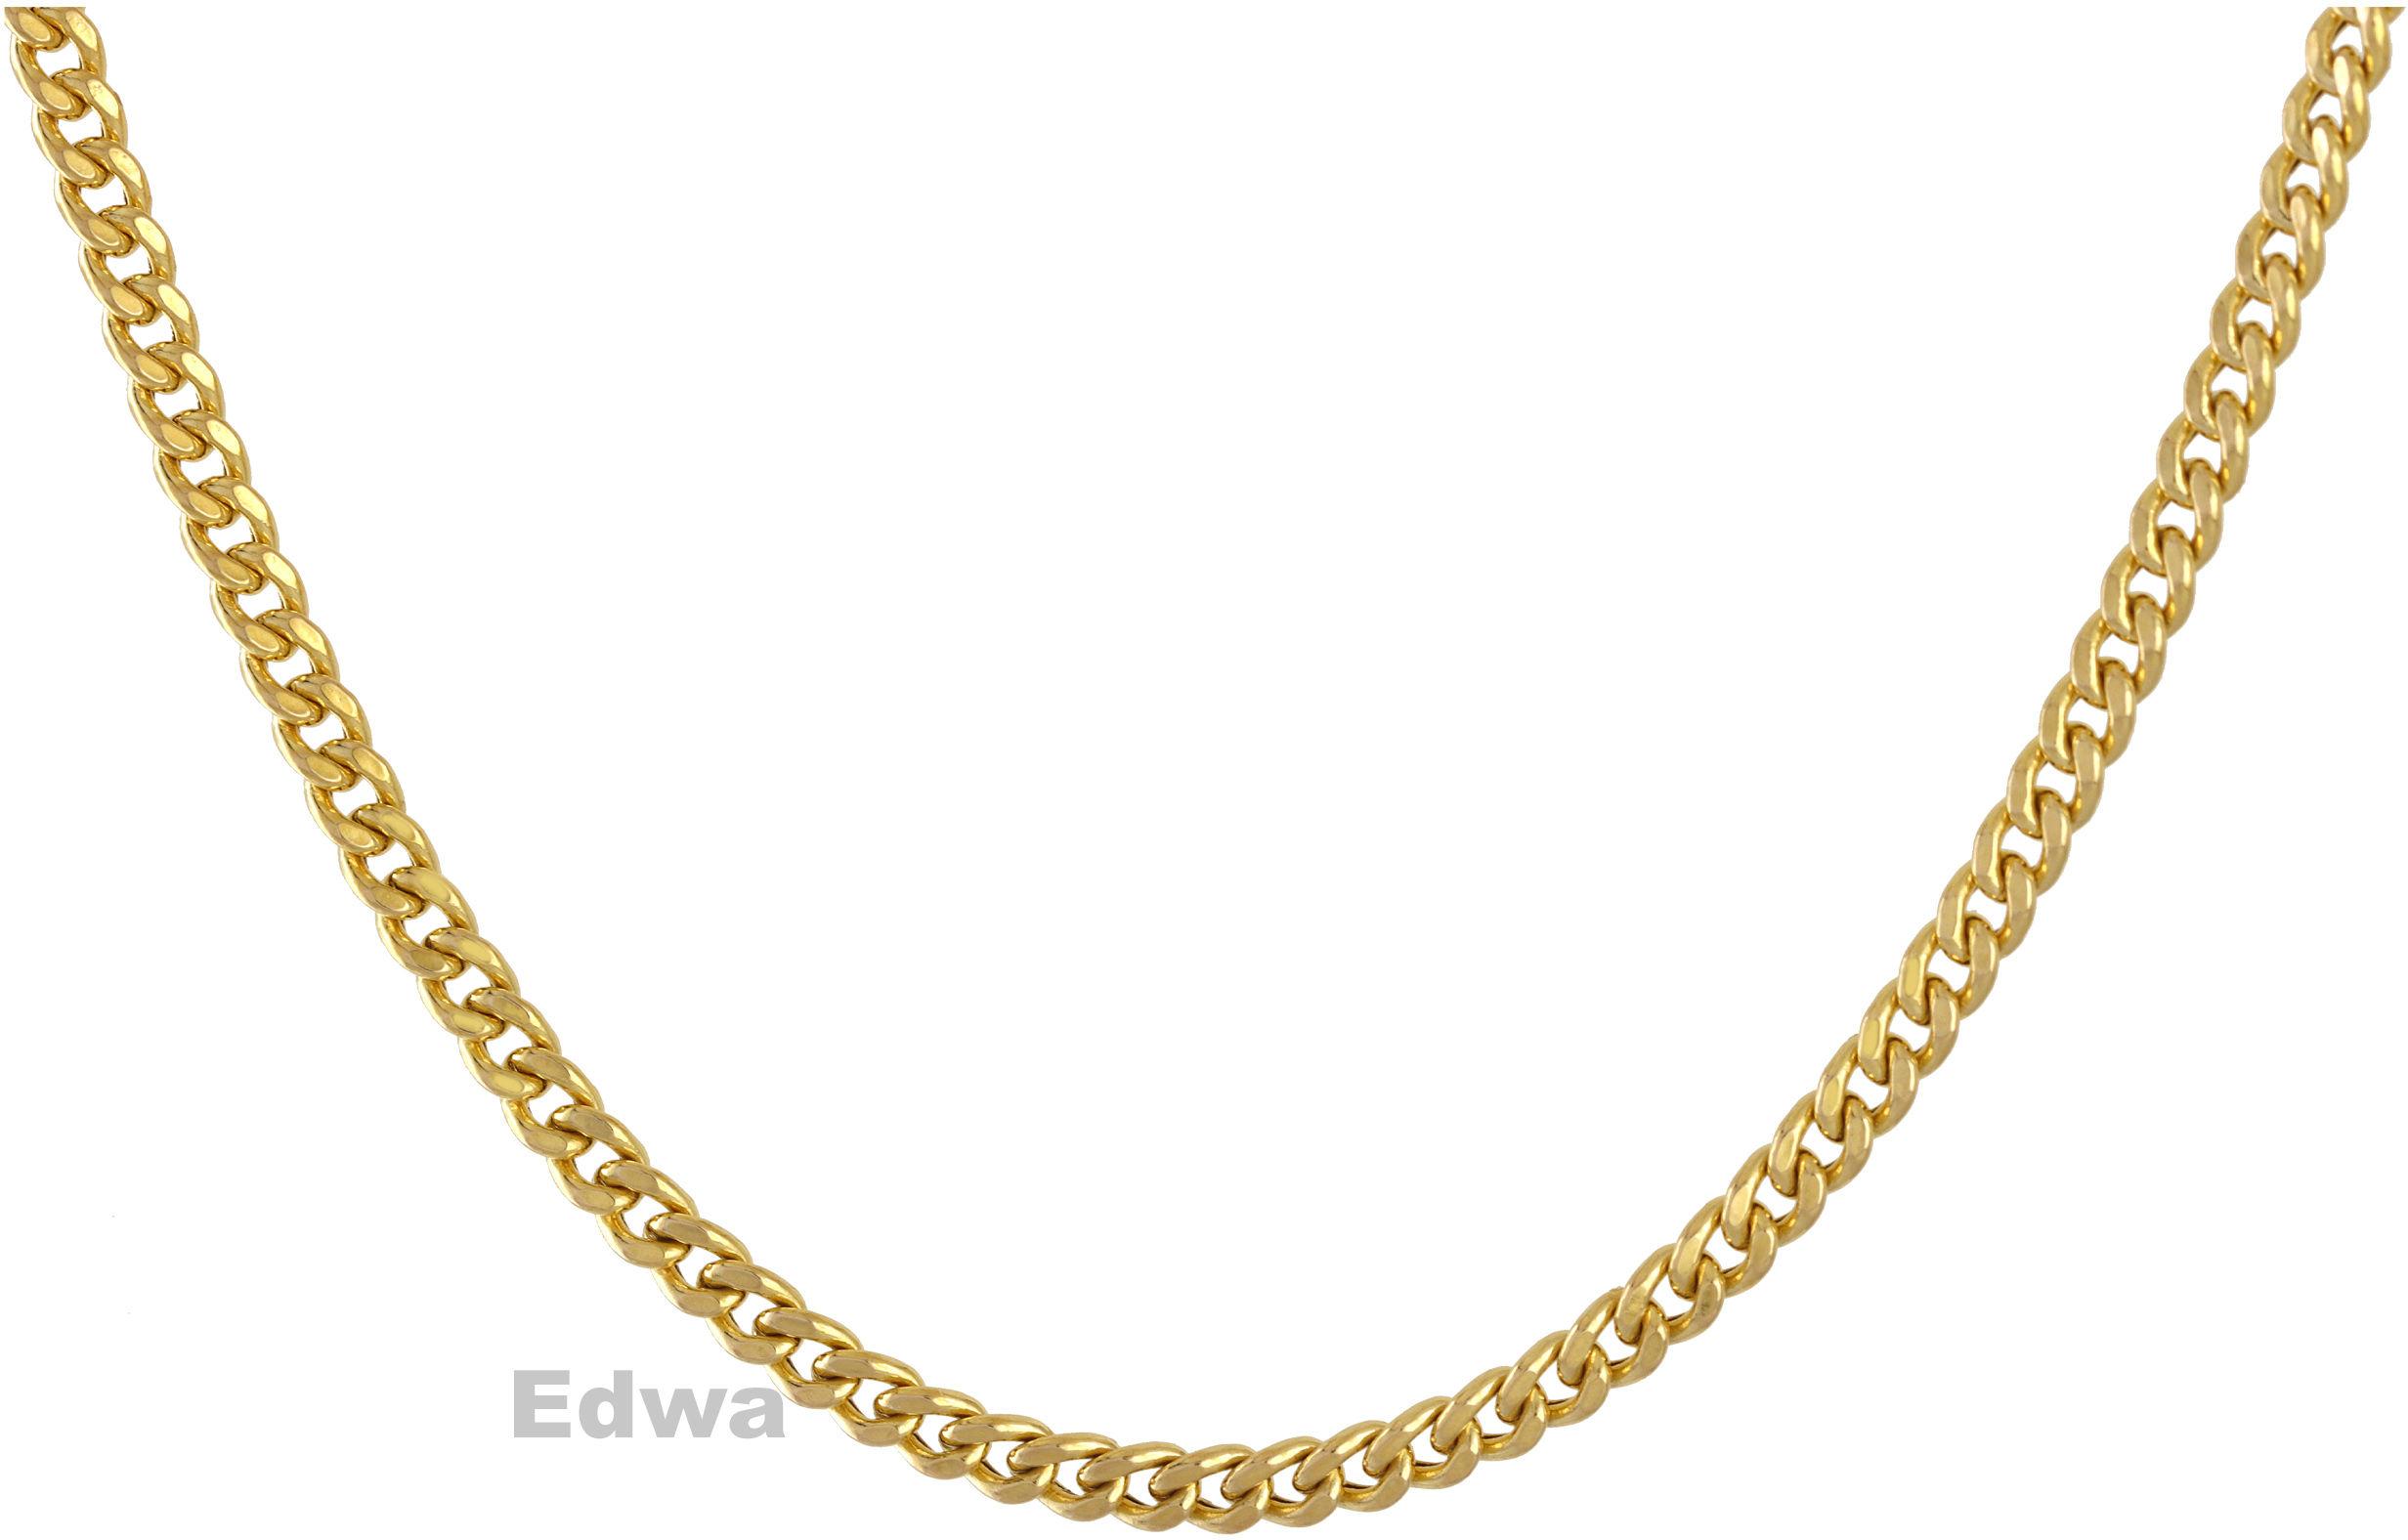 Łańcuszek złoty wzór Pancerka pr.585. 45 cm